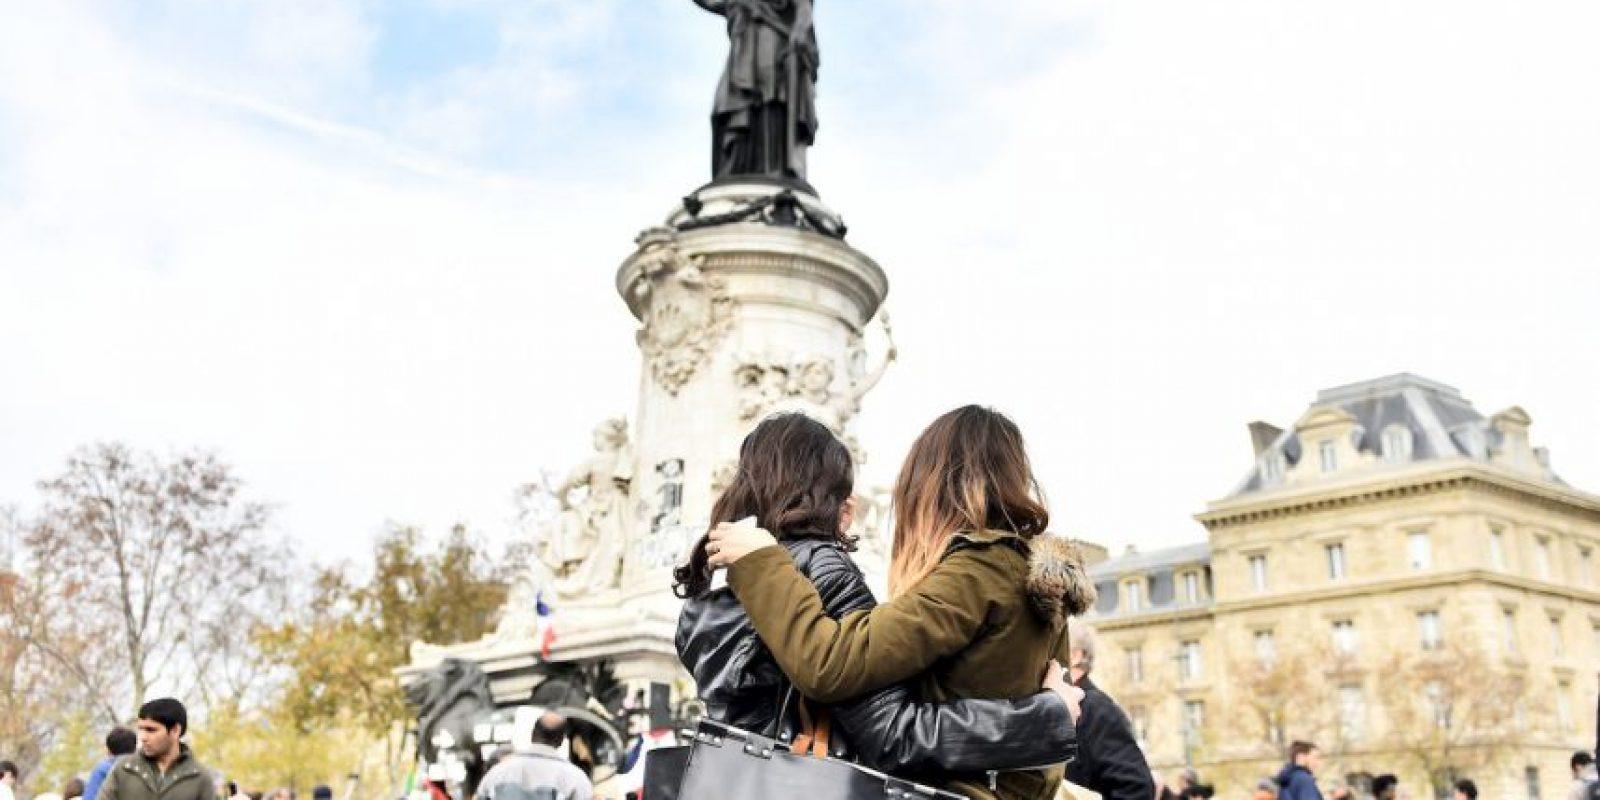 Ciudadanas se abrazan durante ceremonia de recordación en la Plaza de la República en París. Foto:AFP